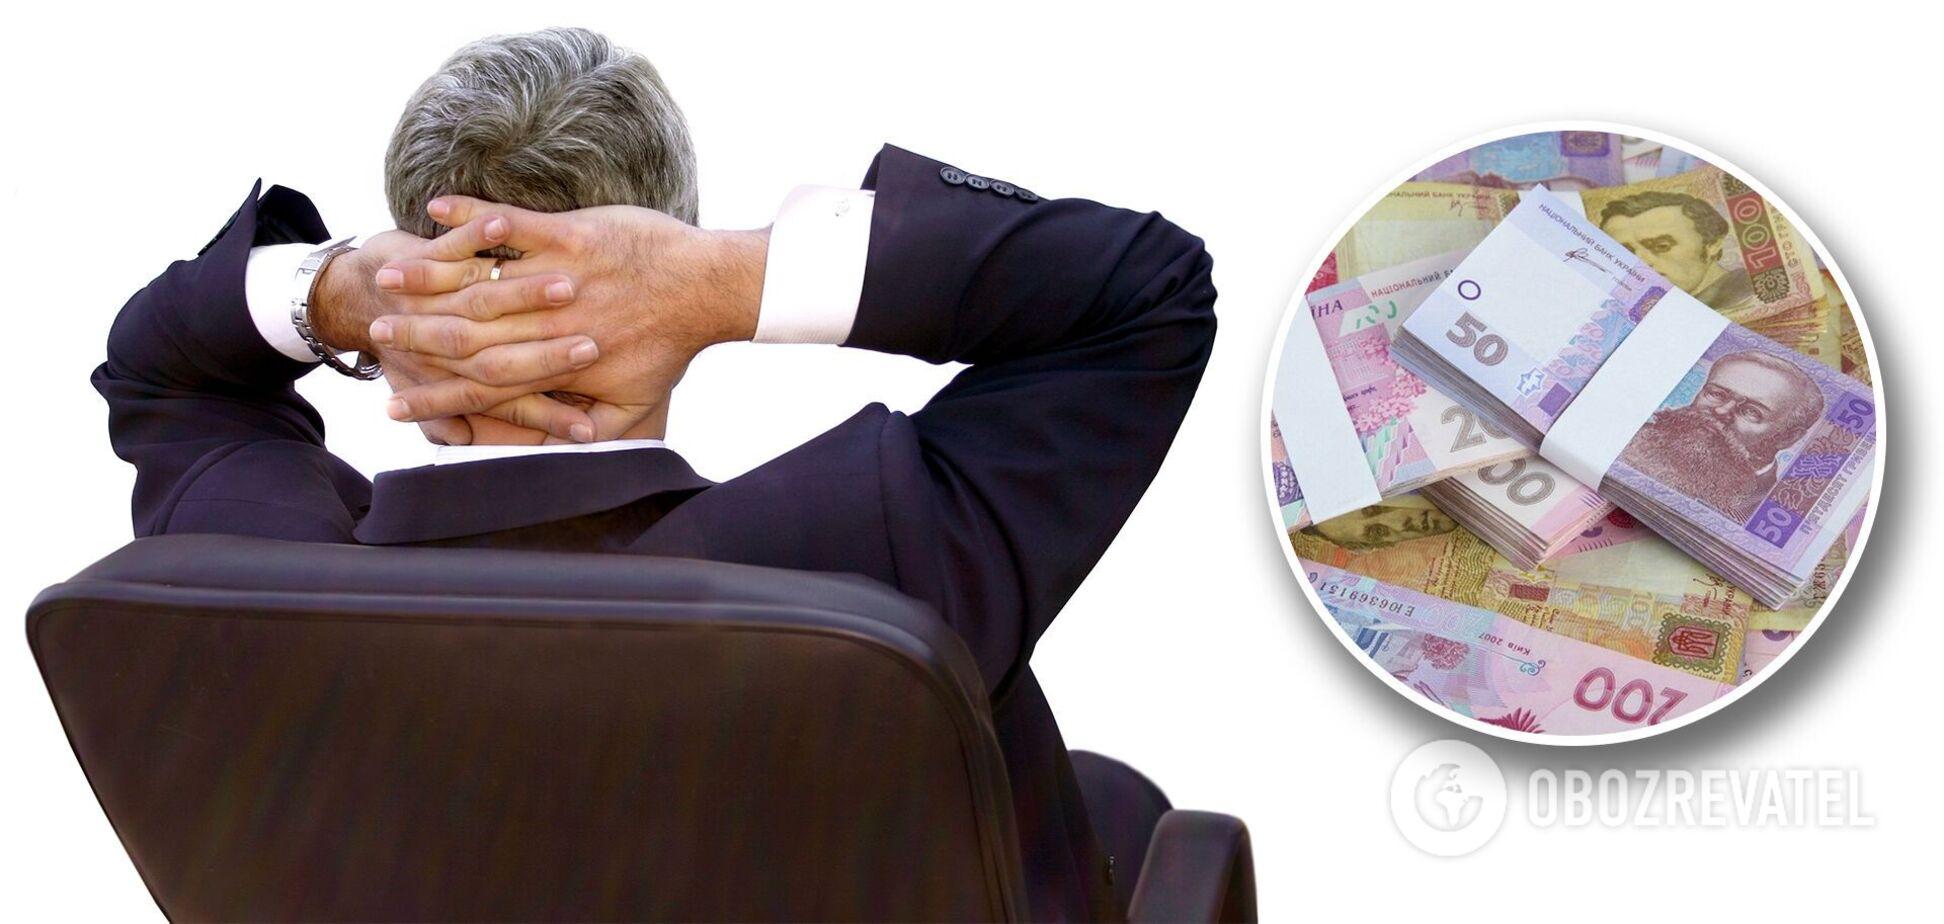 В Україні шукають чиновників на зарплату від 5000 грн, але отримують вони втричі більше